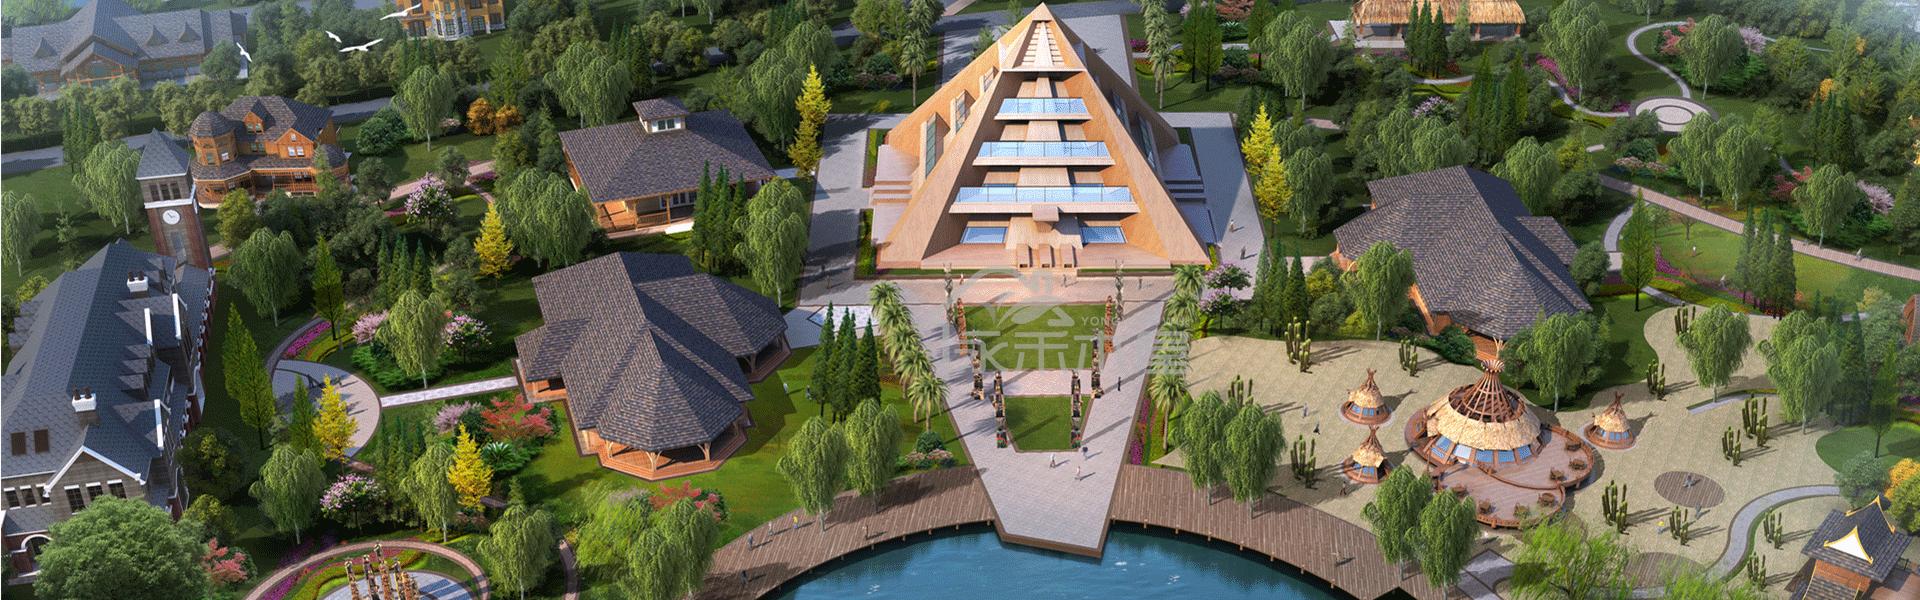 江西木屋项目非洲区木屋群平面图